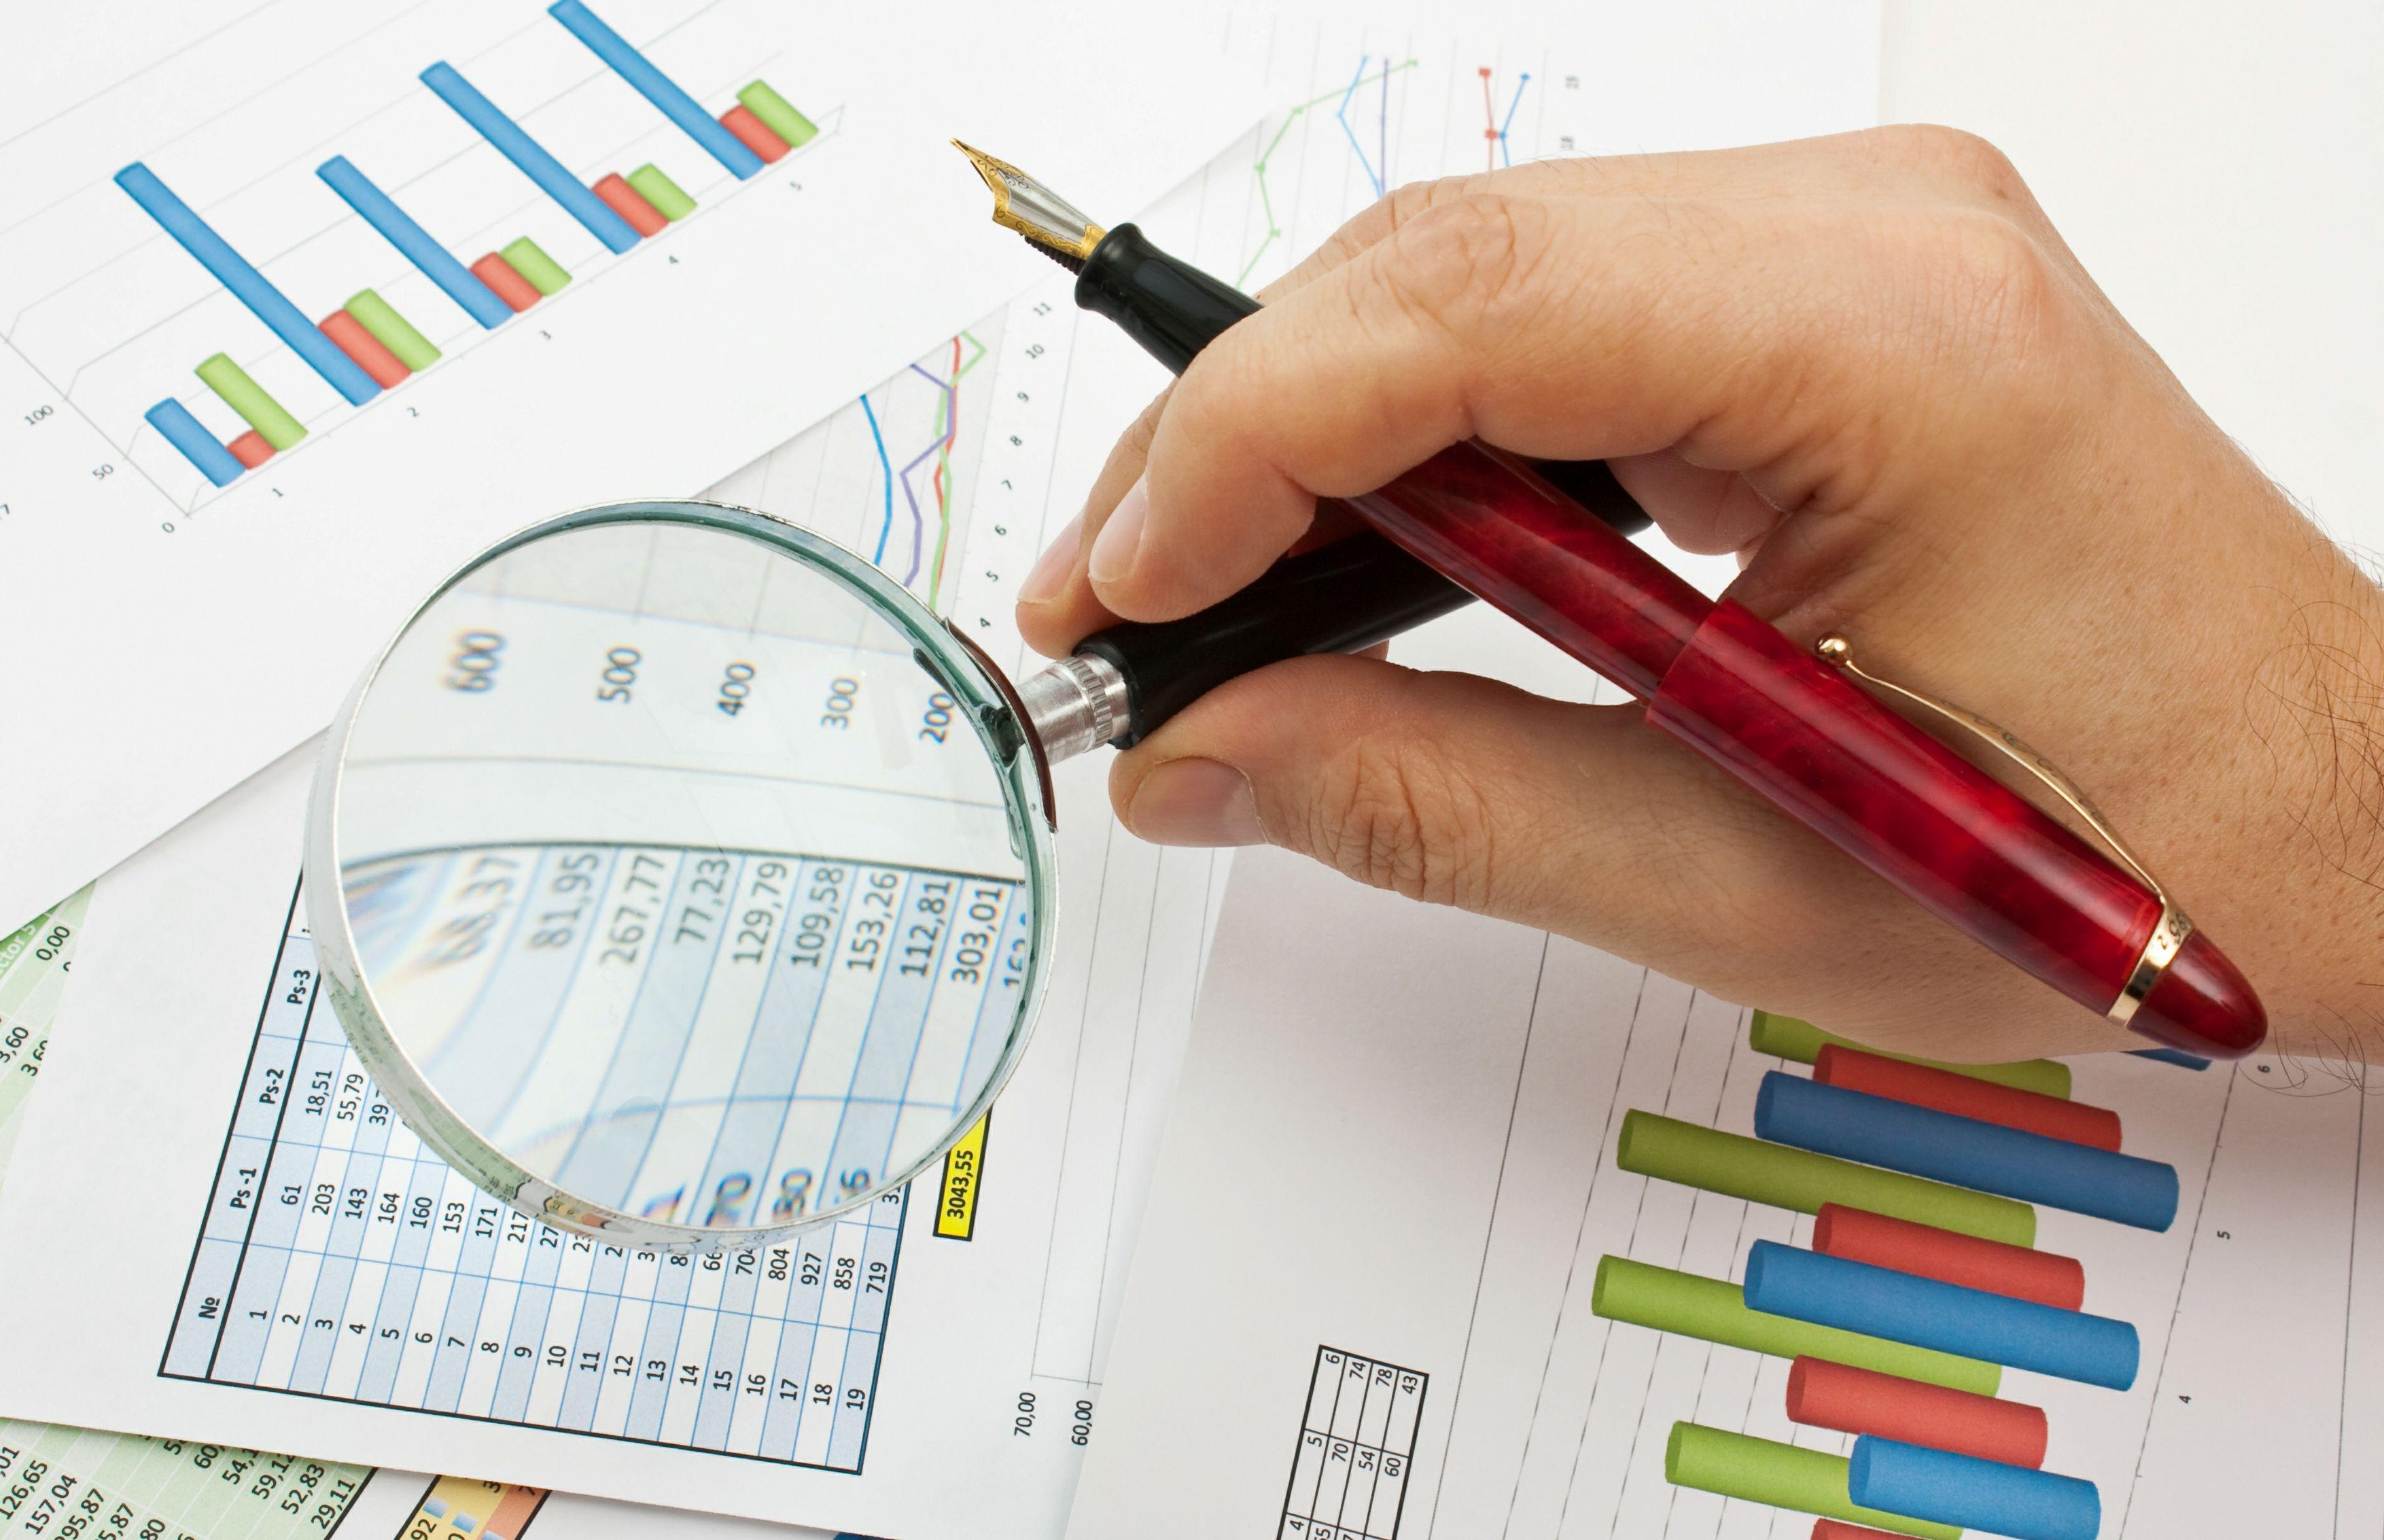 格隆汇港股聚焦(7.12)︱中国建材中期净利预增超50% 中信证券上半年净利升15.83%至64.5亿元